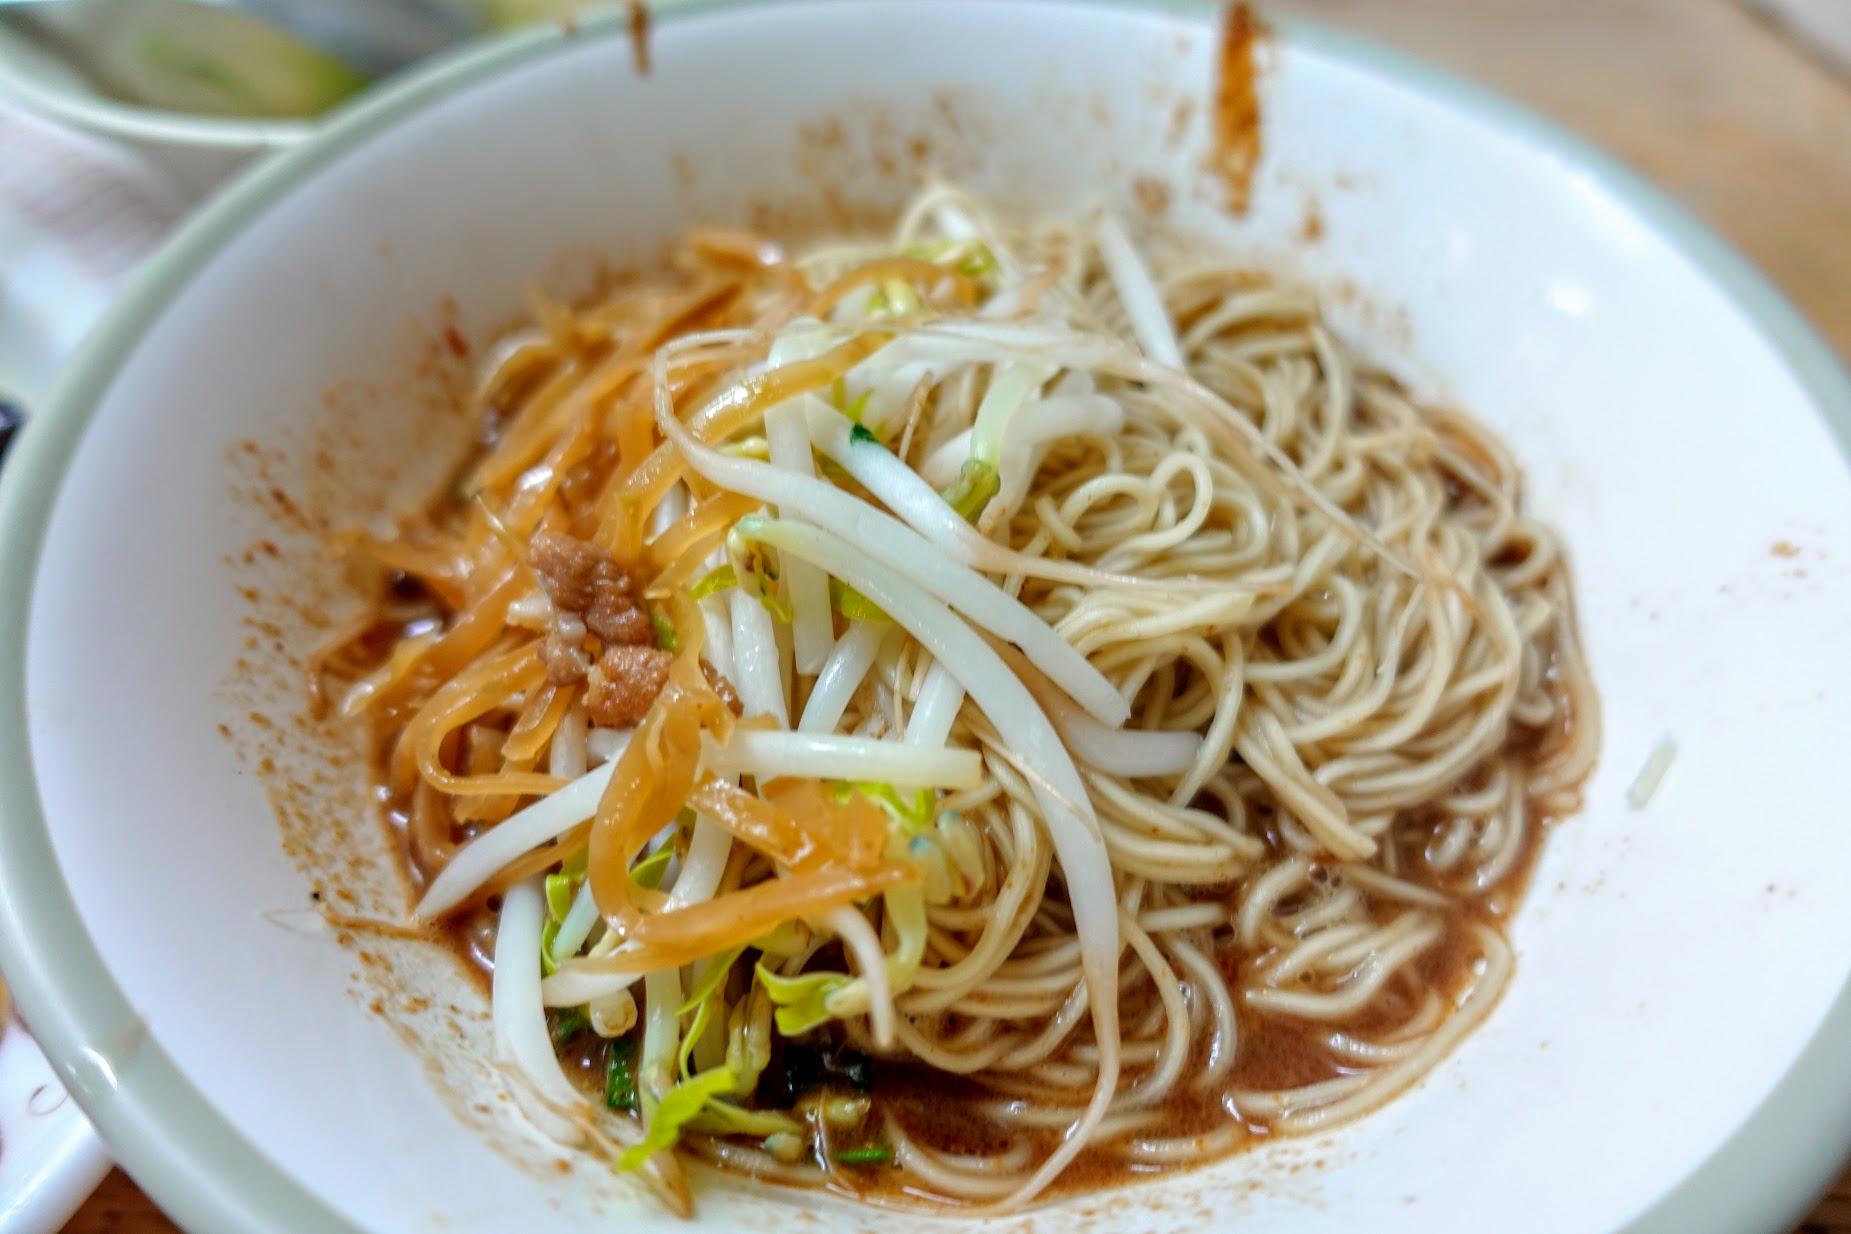 麻醬麵上頭有豆芽菜和榨菜,底下滿滿的麻醬醬汁